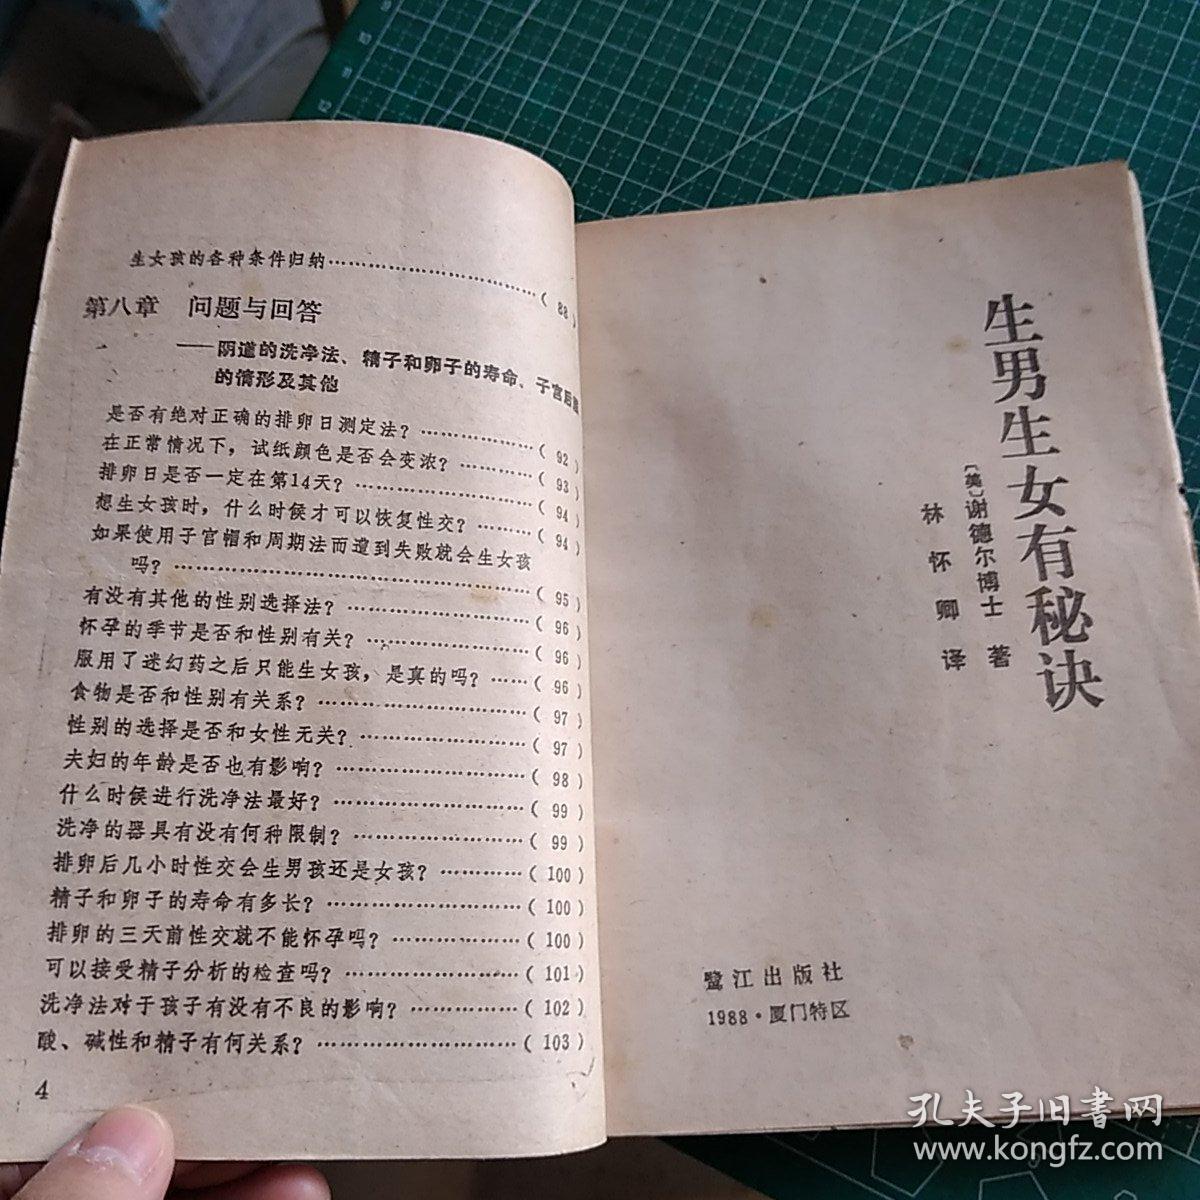 生男生女图2021清宫图